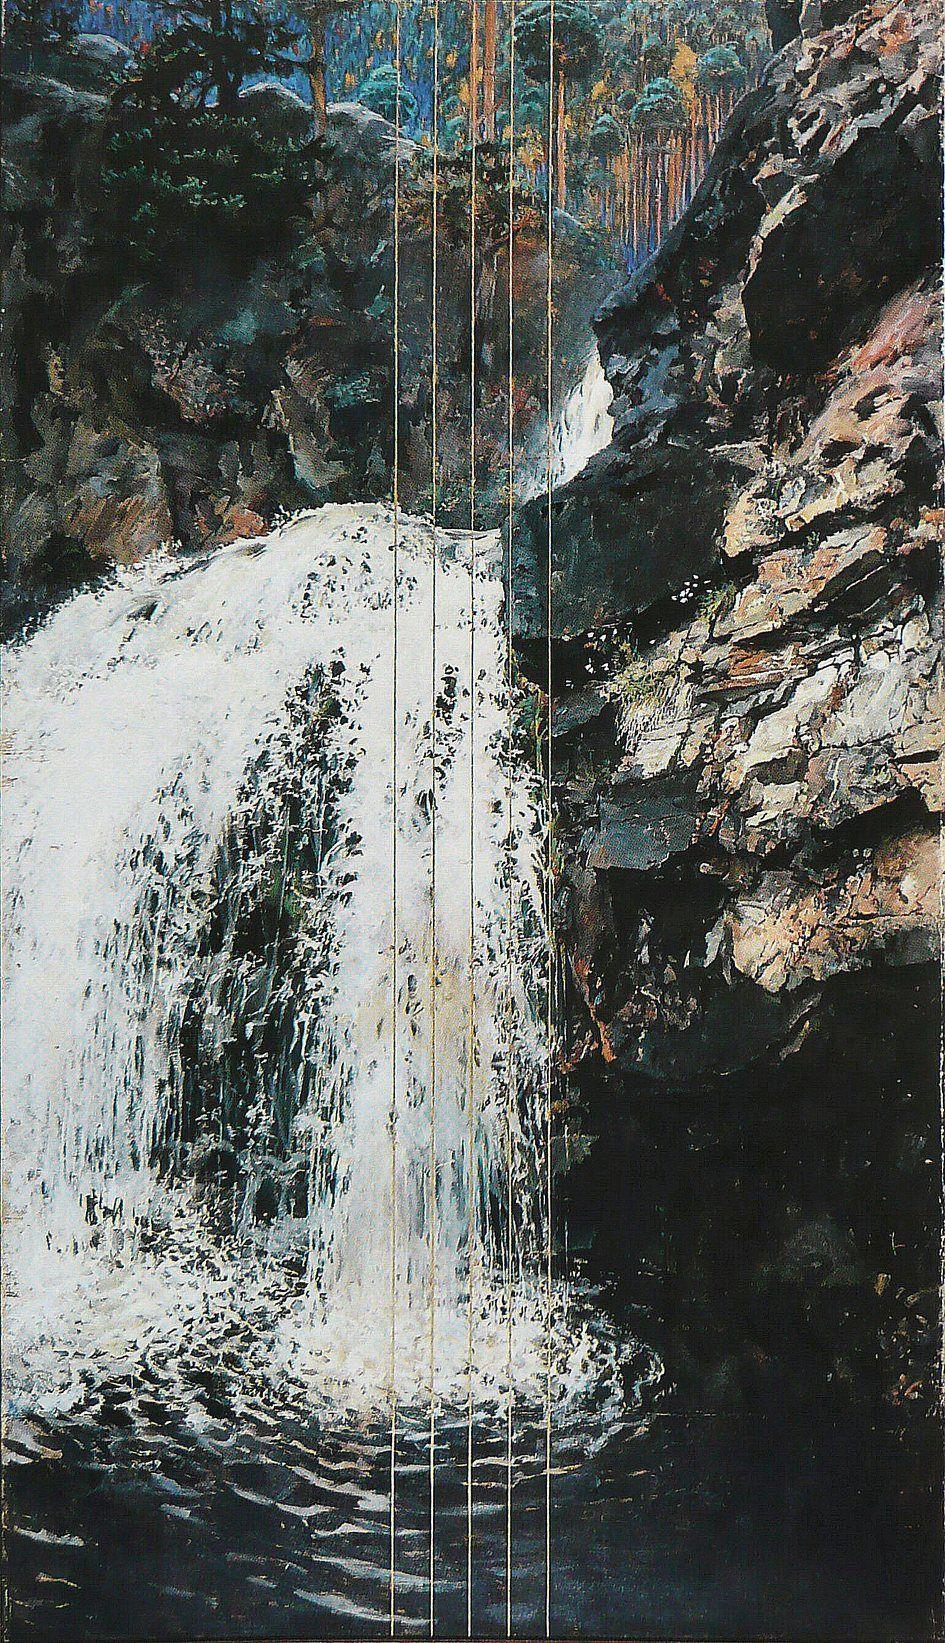 Akseli Gallen-Kallela, Mäntykoski Waterfall, 1893, Oil on canvas, 270 x 156 cm, Private Collection